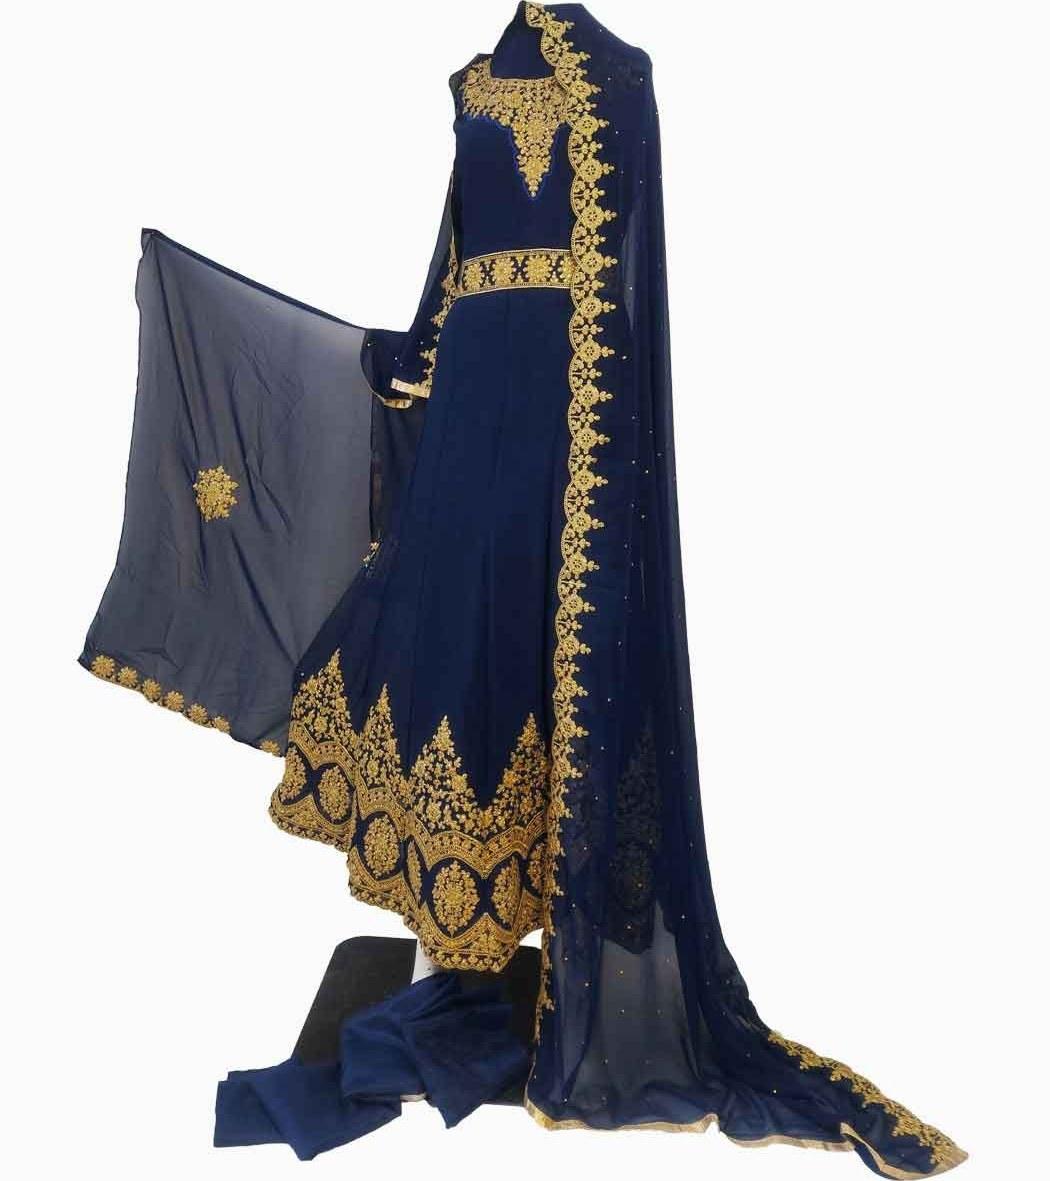 تصویر لباس پنجابی بلند کد KH-01048